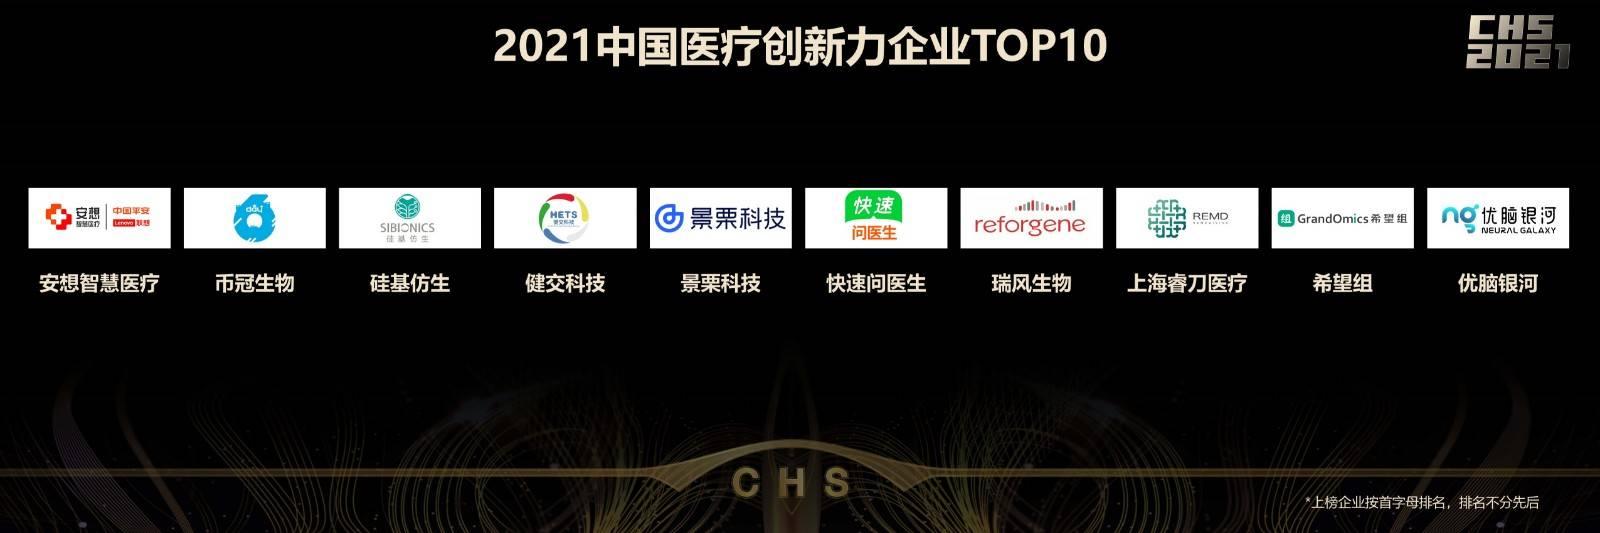 2021中国医疗创新力企业TOP10